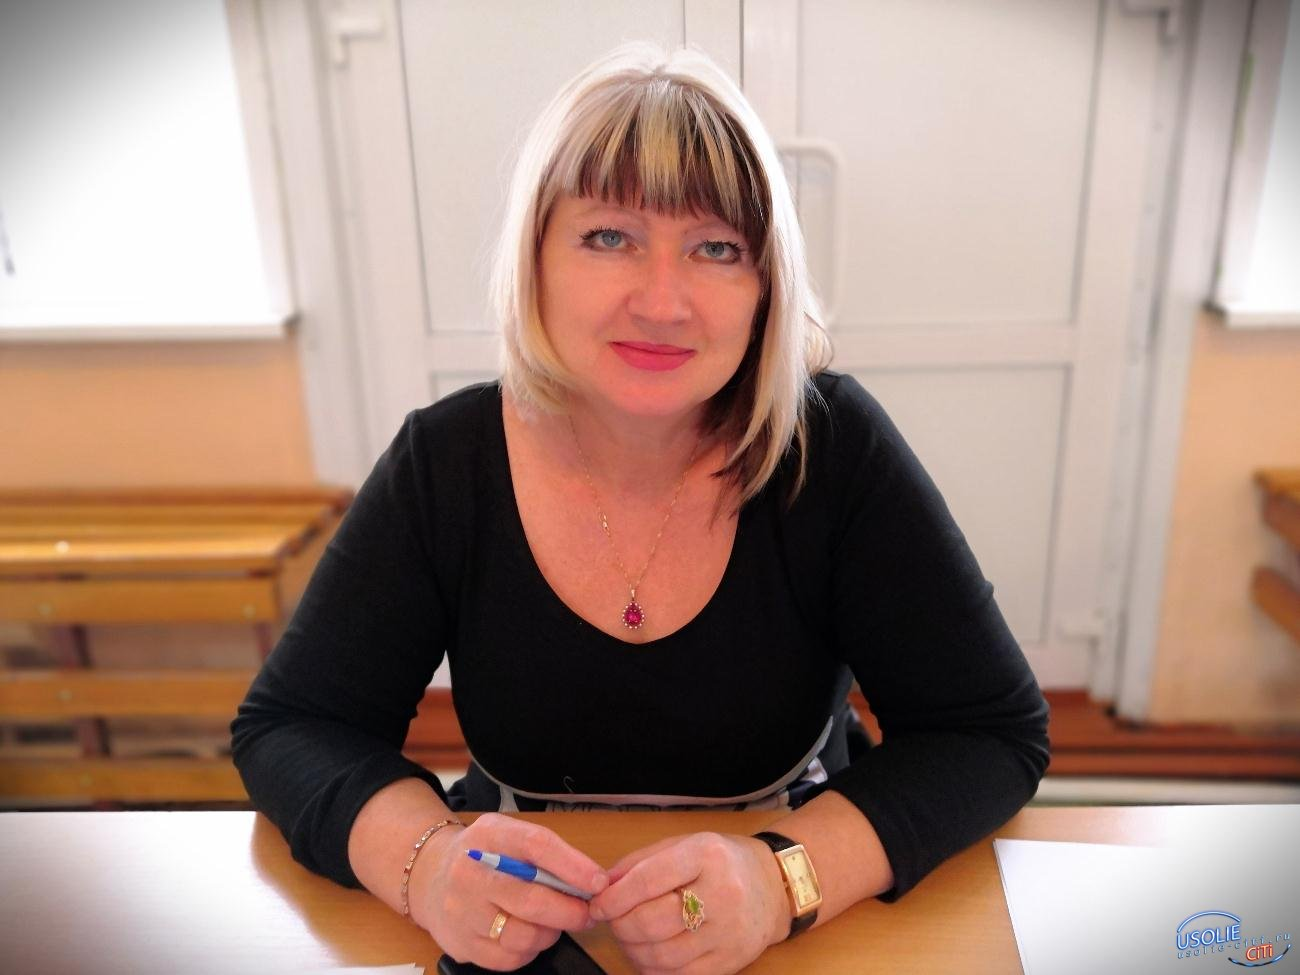 Людмила Панькова: В этот день мы поздравляем всех мужчин, юношей, мальчиков